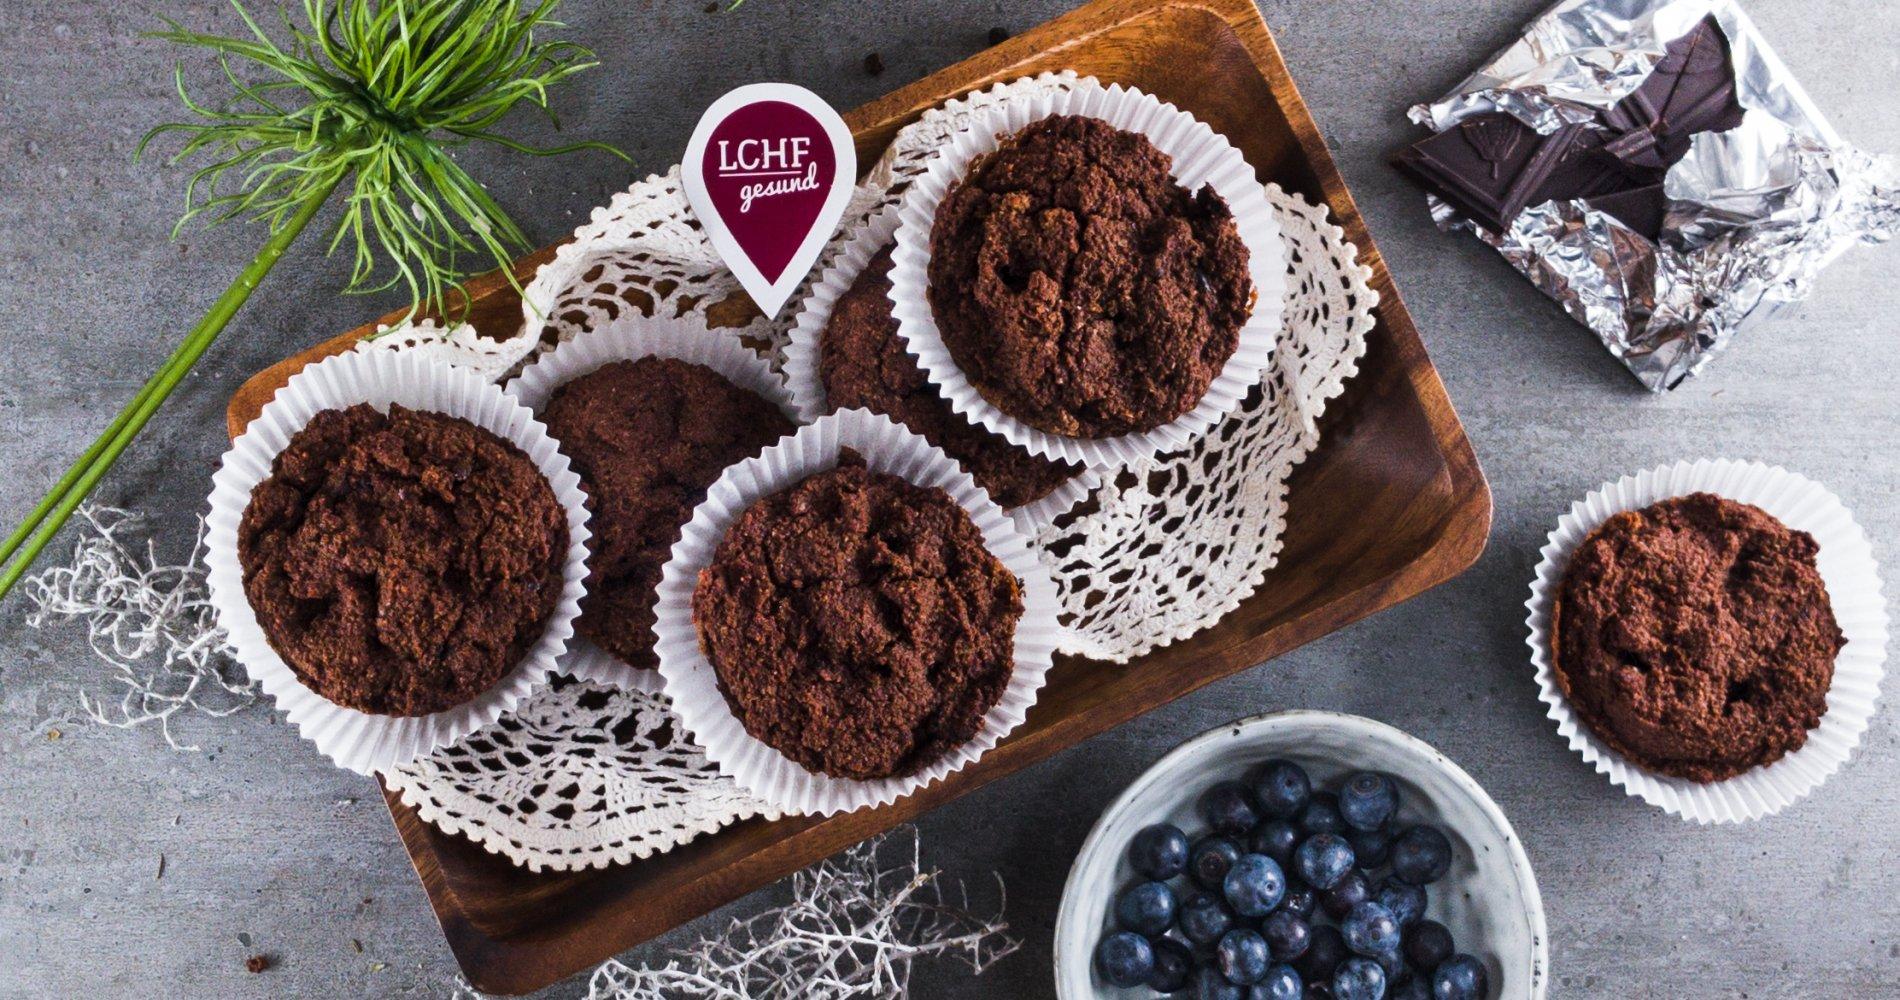 Rezept Low Carb: Köstliche Schokoladenmuffins - LCHF-gesund.de